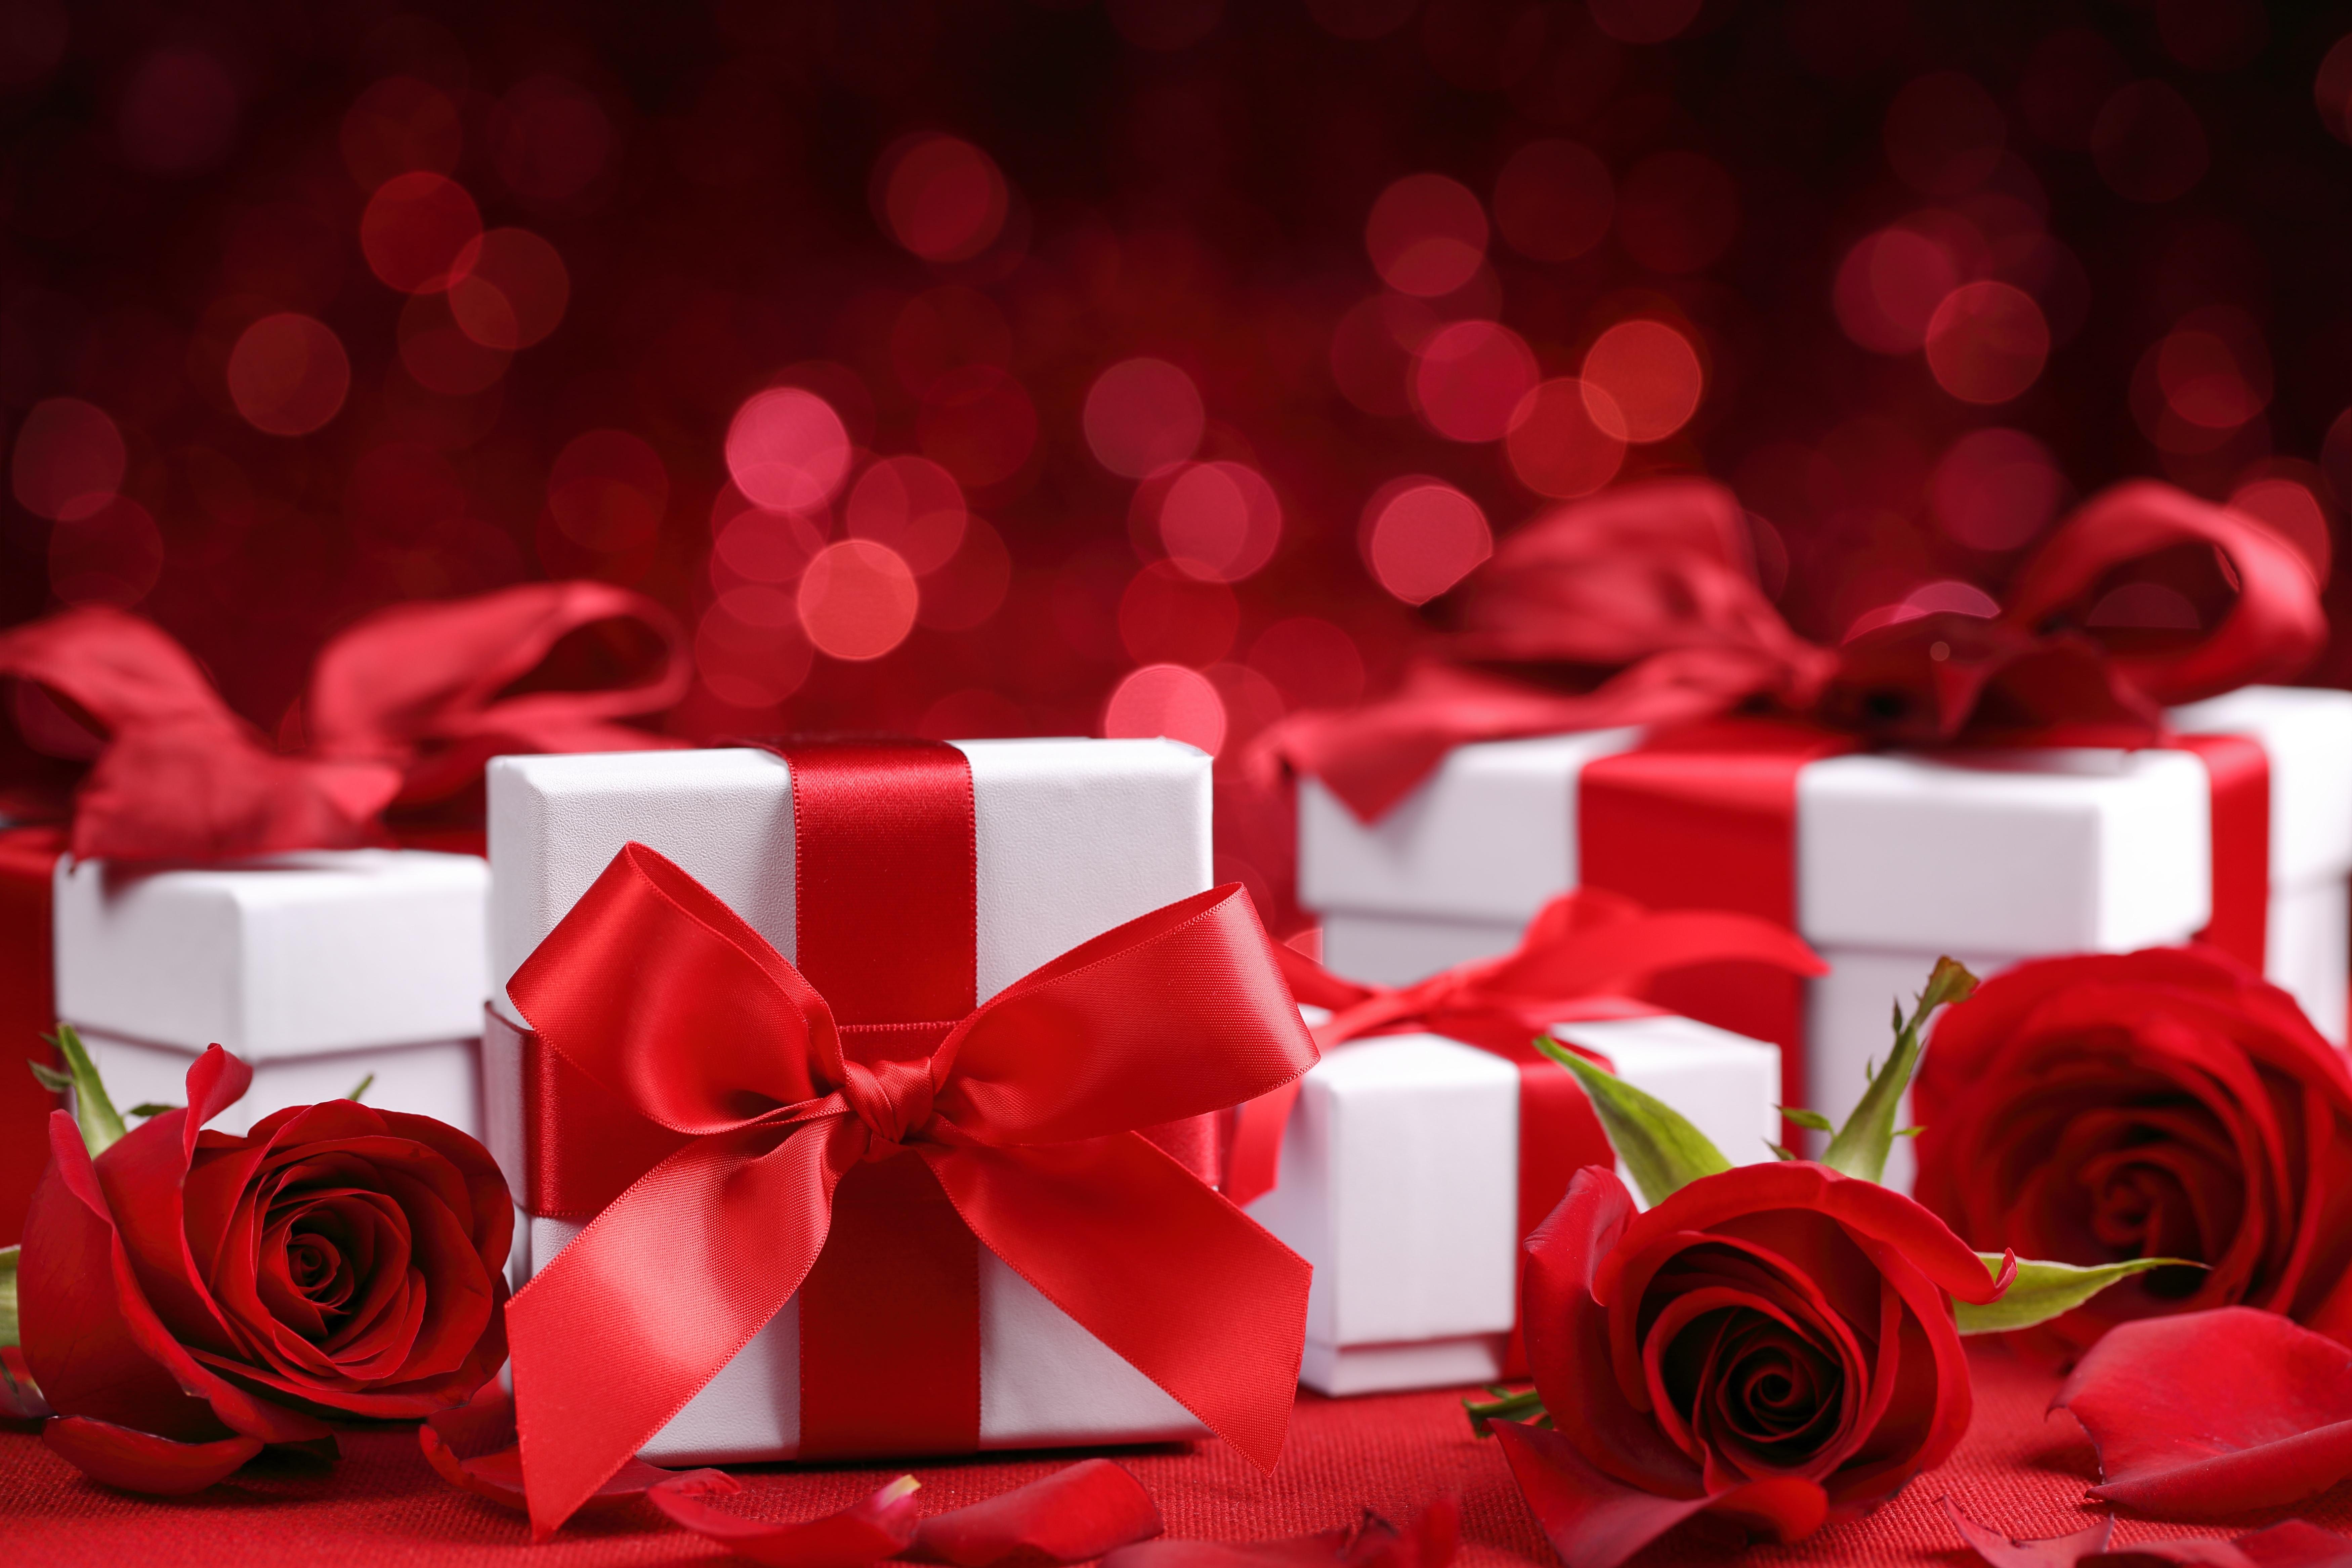 цветок подарок сюрприз скачать